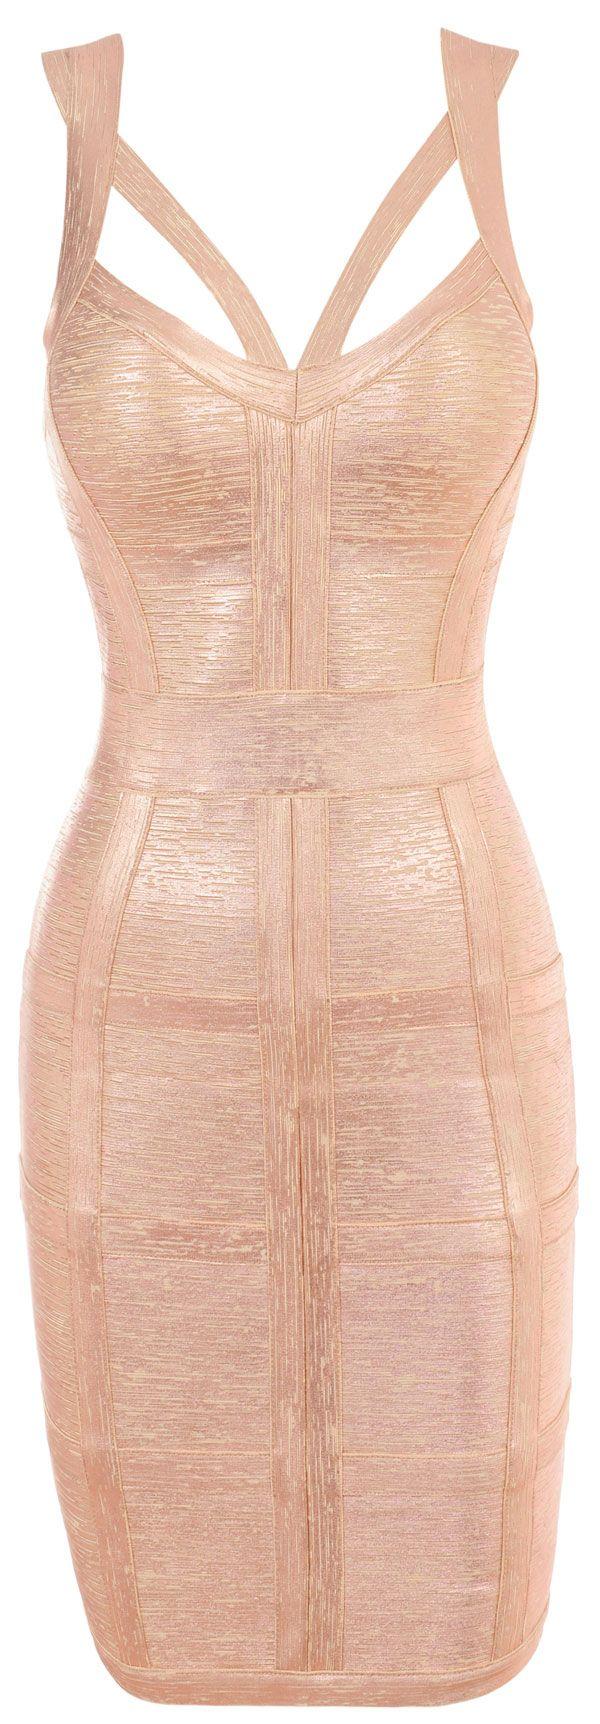 Stunning bandage dress